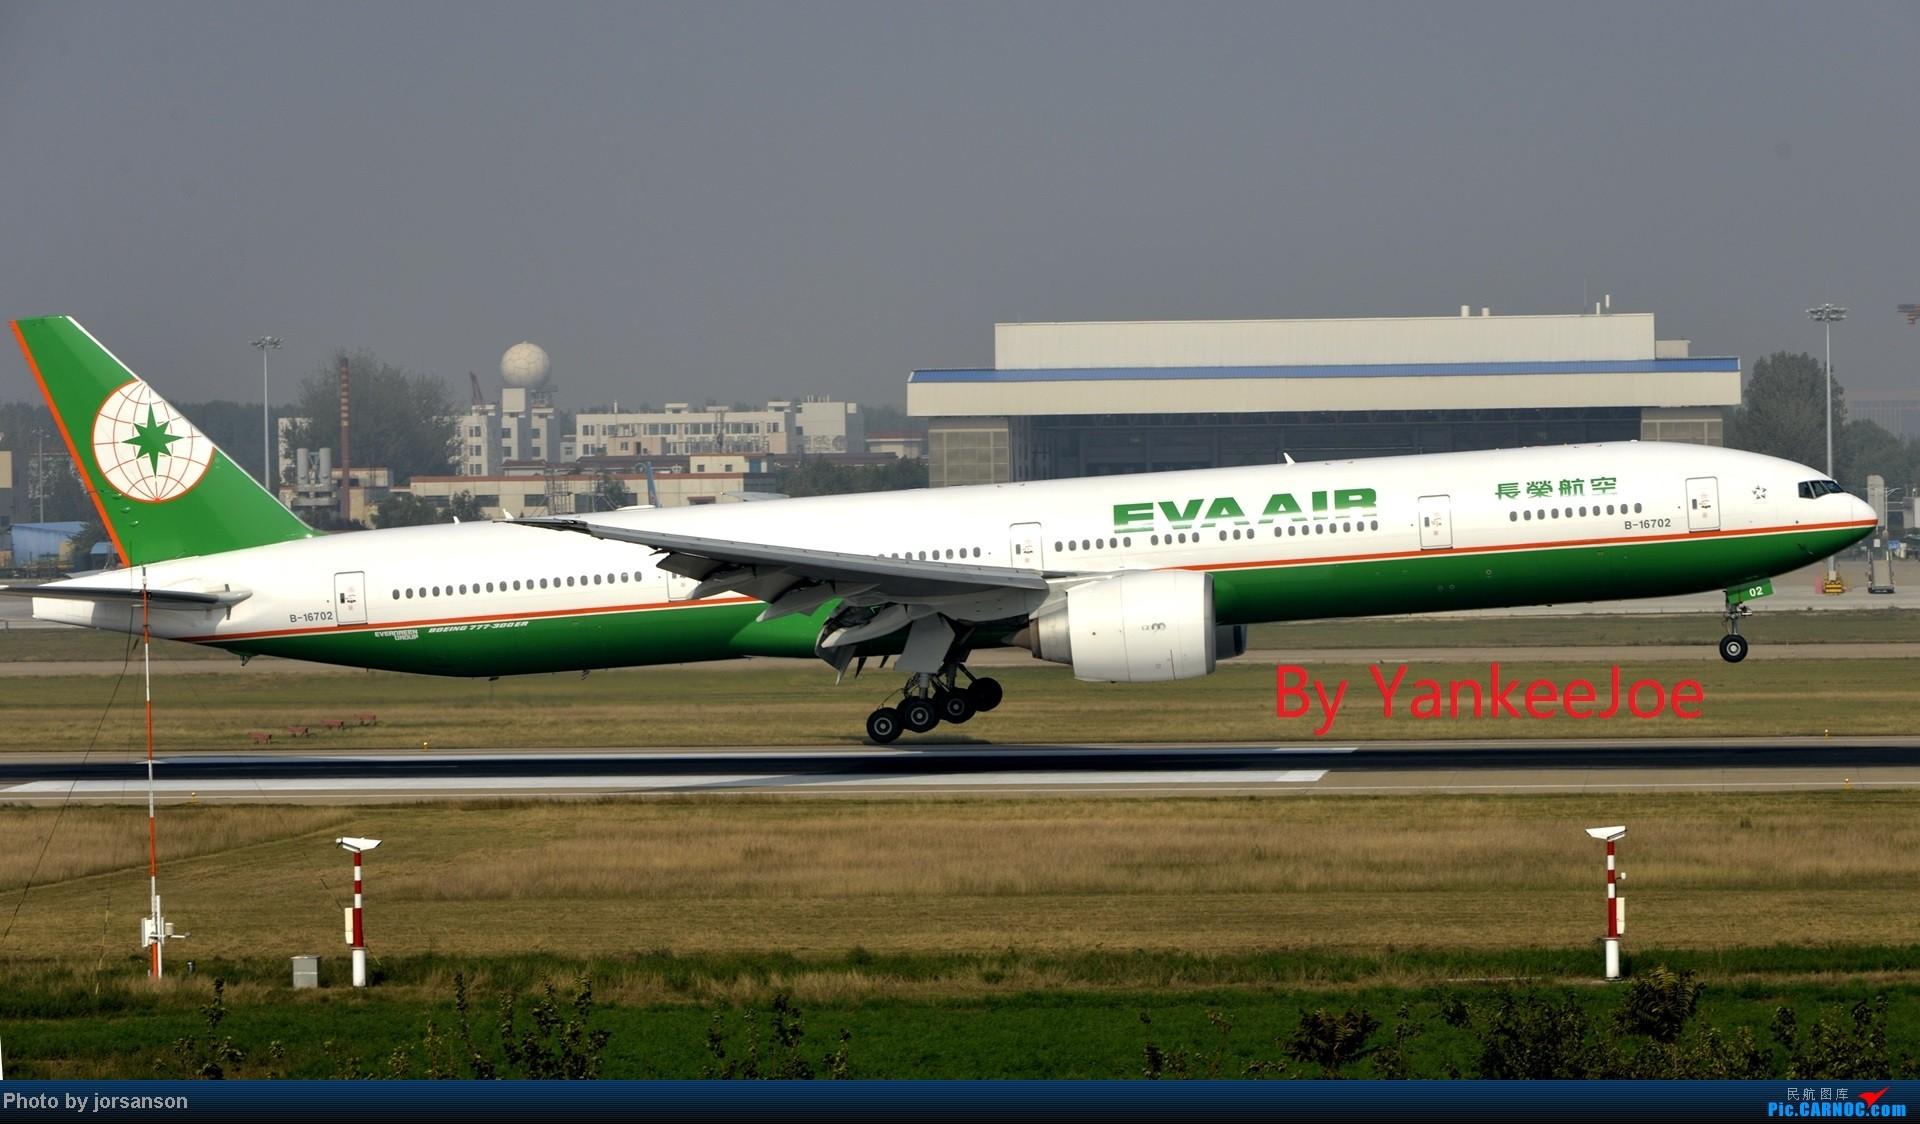 郑州飞友会YankeeJoe新郑首次拍机 BOEING 777-300 B-16702 中国郑州新郑机场